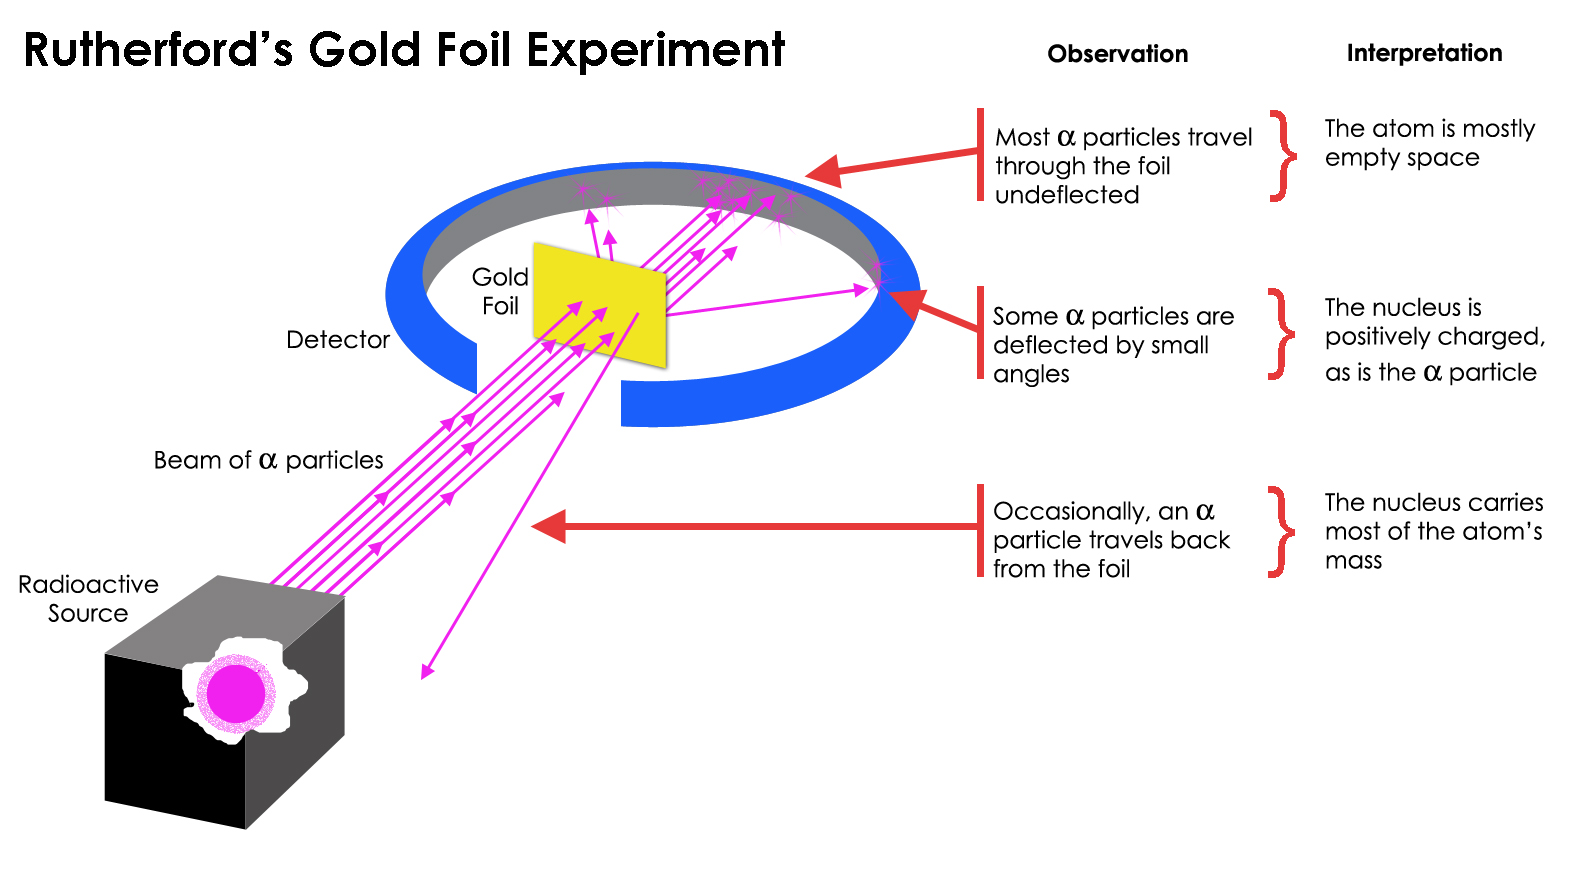 Geiger-Marsden Deney Düzeneği: Deney sonuçları Rutherford tarafından yorumlanmıştır.